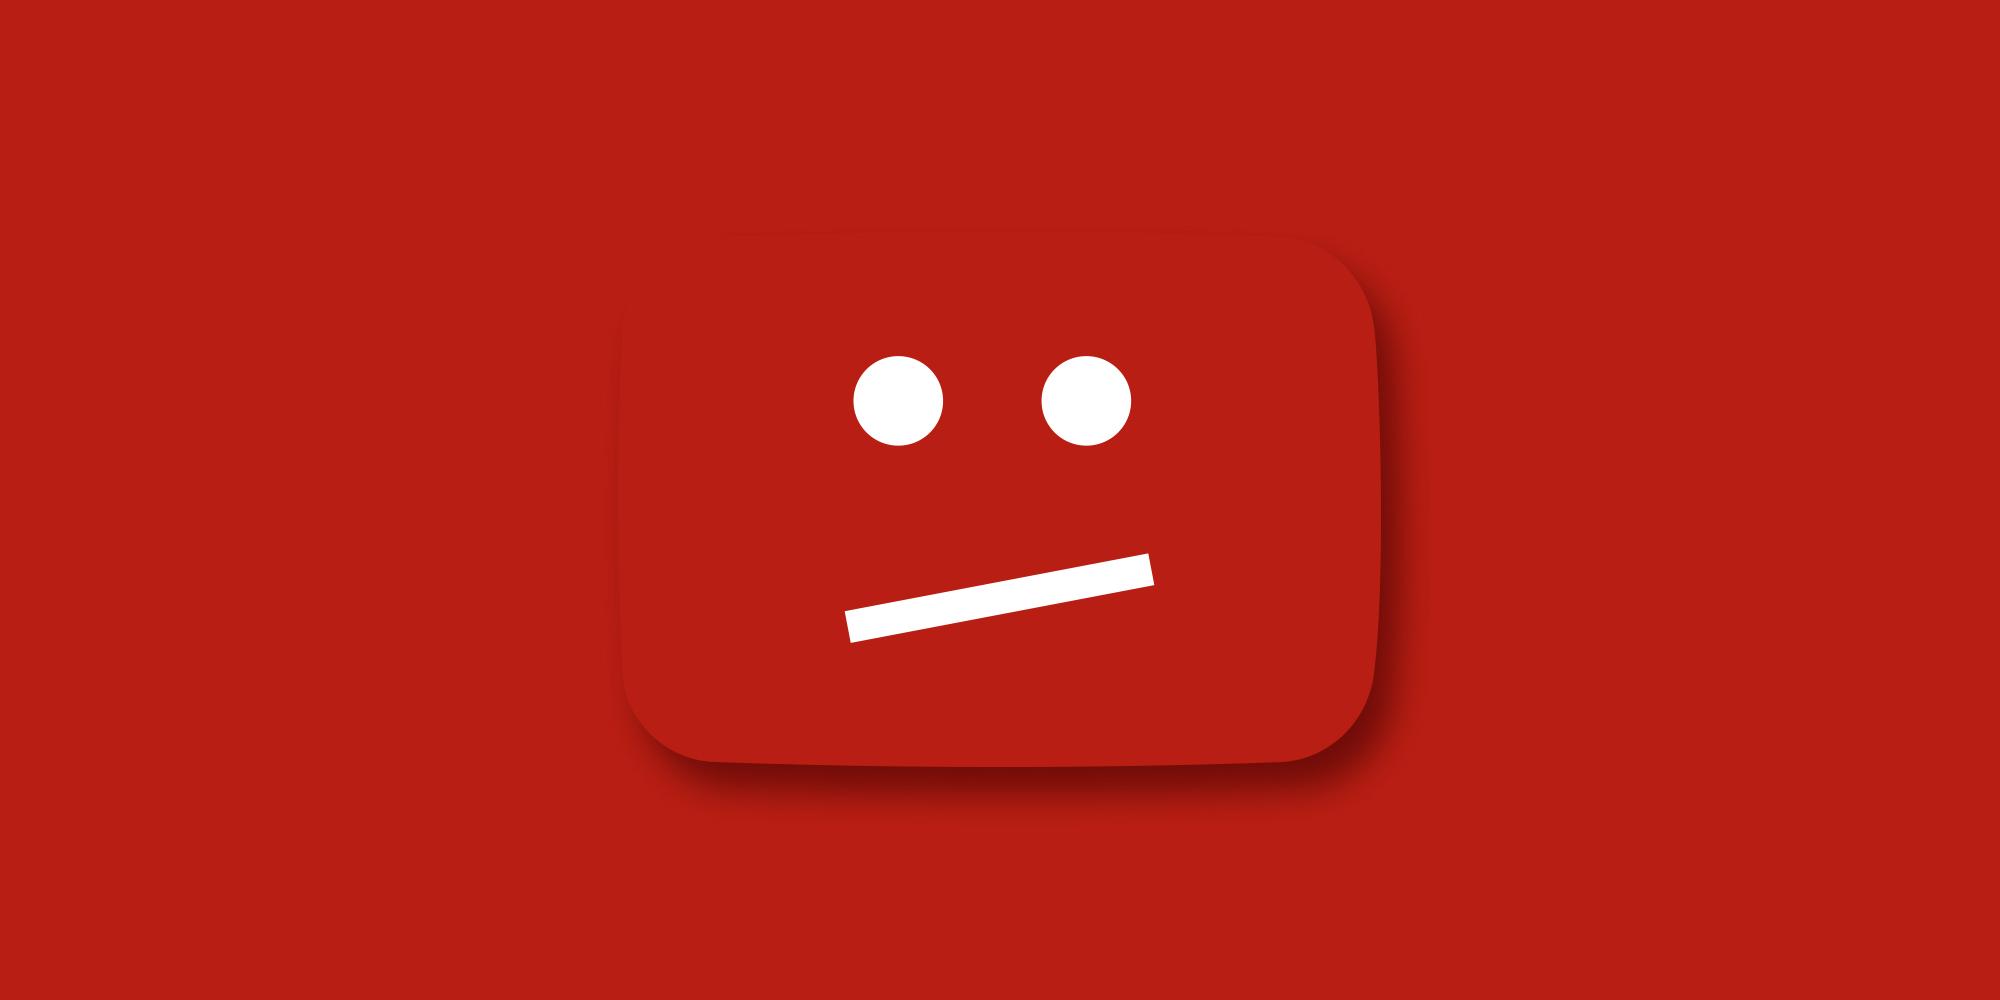 YouTube упал? Или проблема одного процента